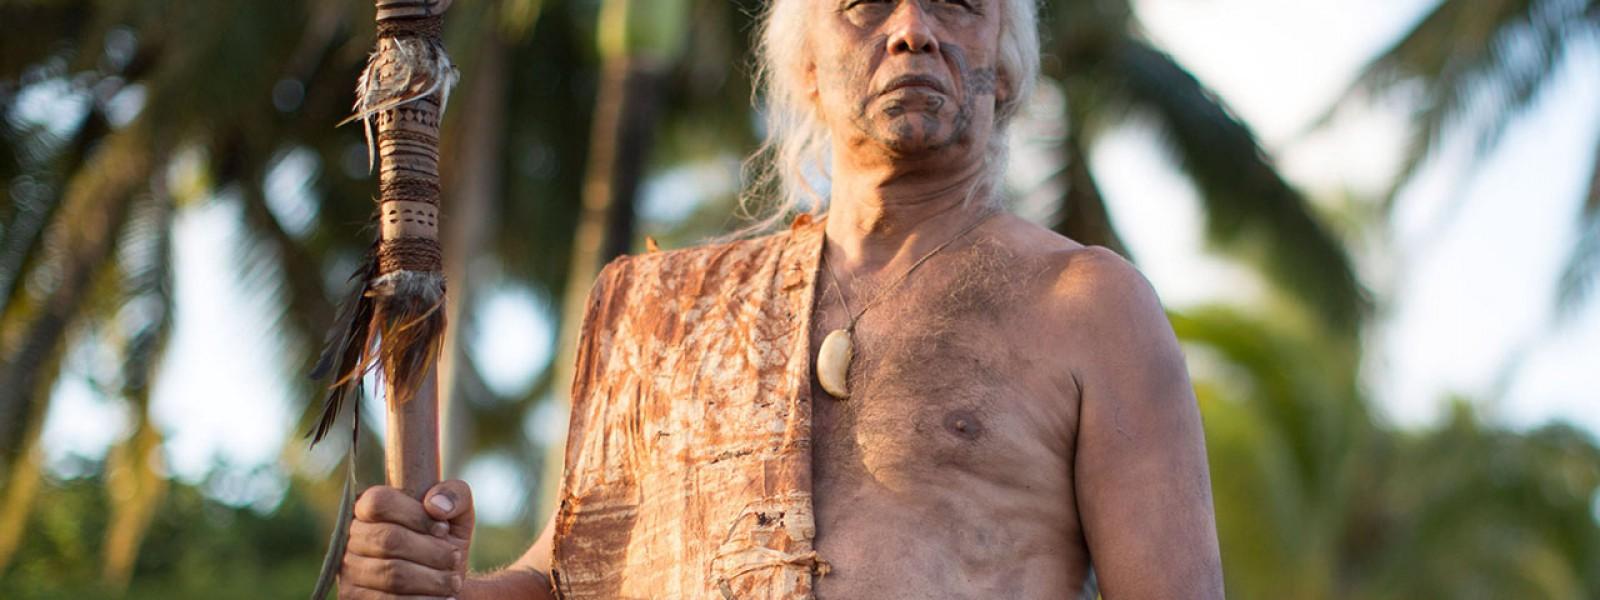 Tatau-Chief Matikuku-bio